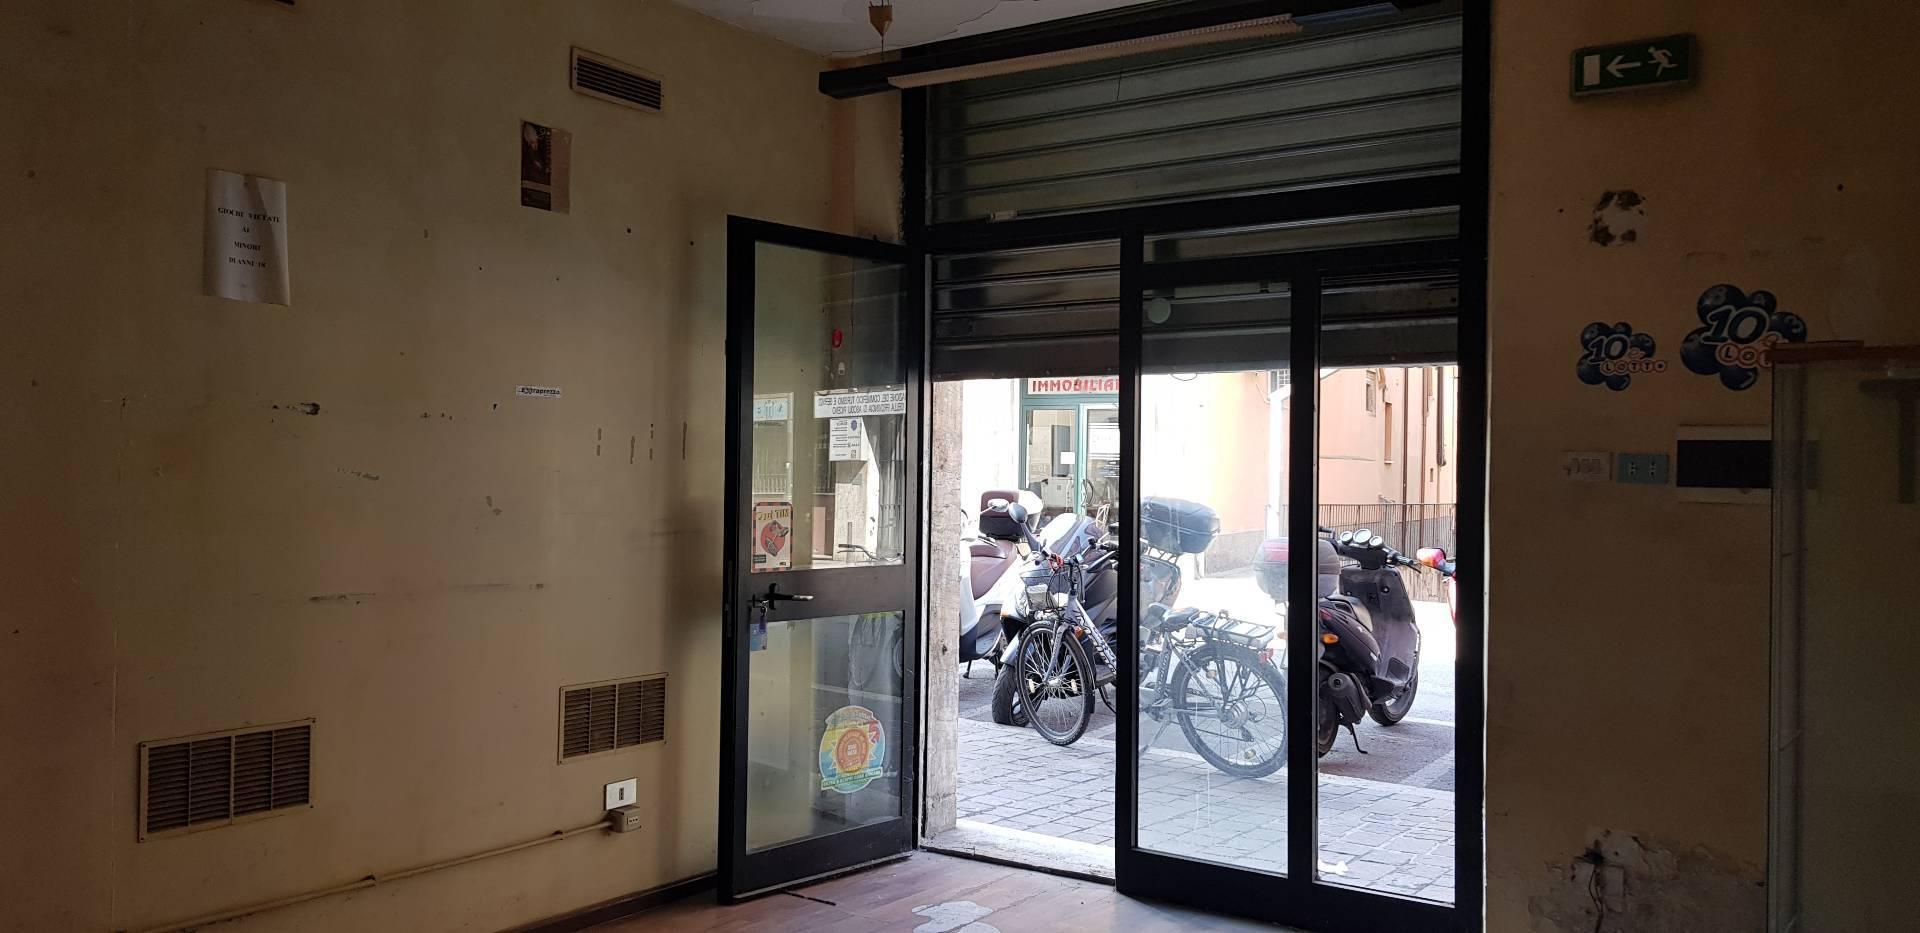 Negozio / Locale in affitto a Ascoli Piceno, 9999 locali, zona Località: CentroStorico, prezzo € 390 | CambioCasa.it